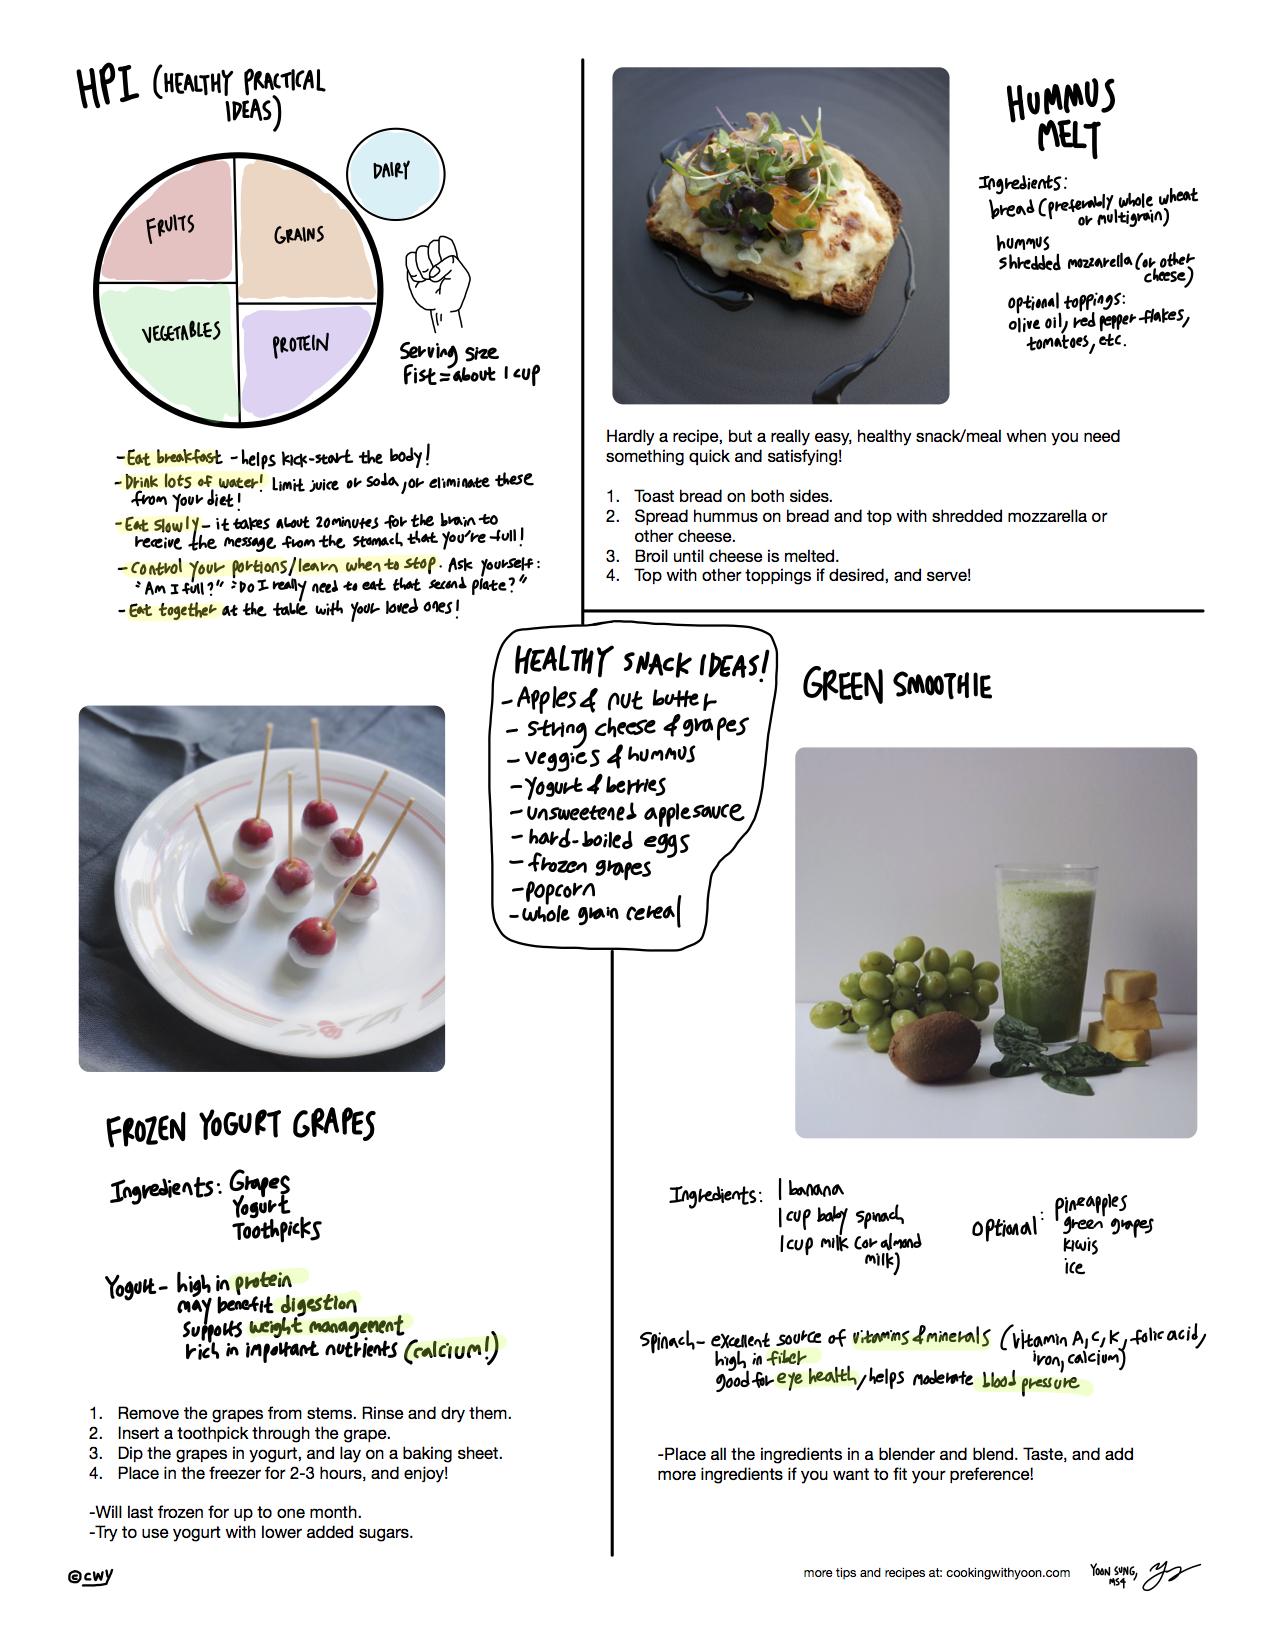 CWY_recipes.jpg